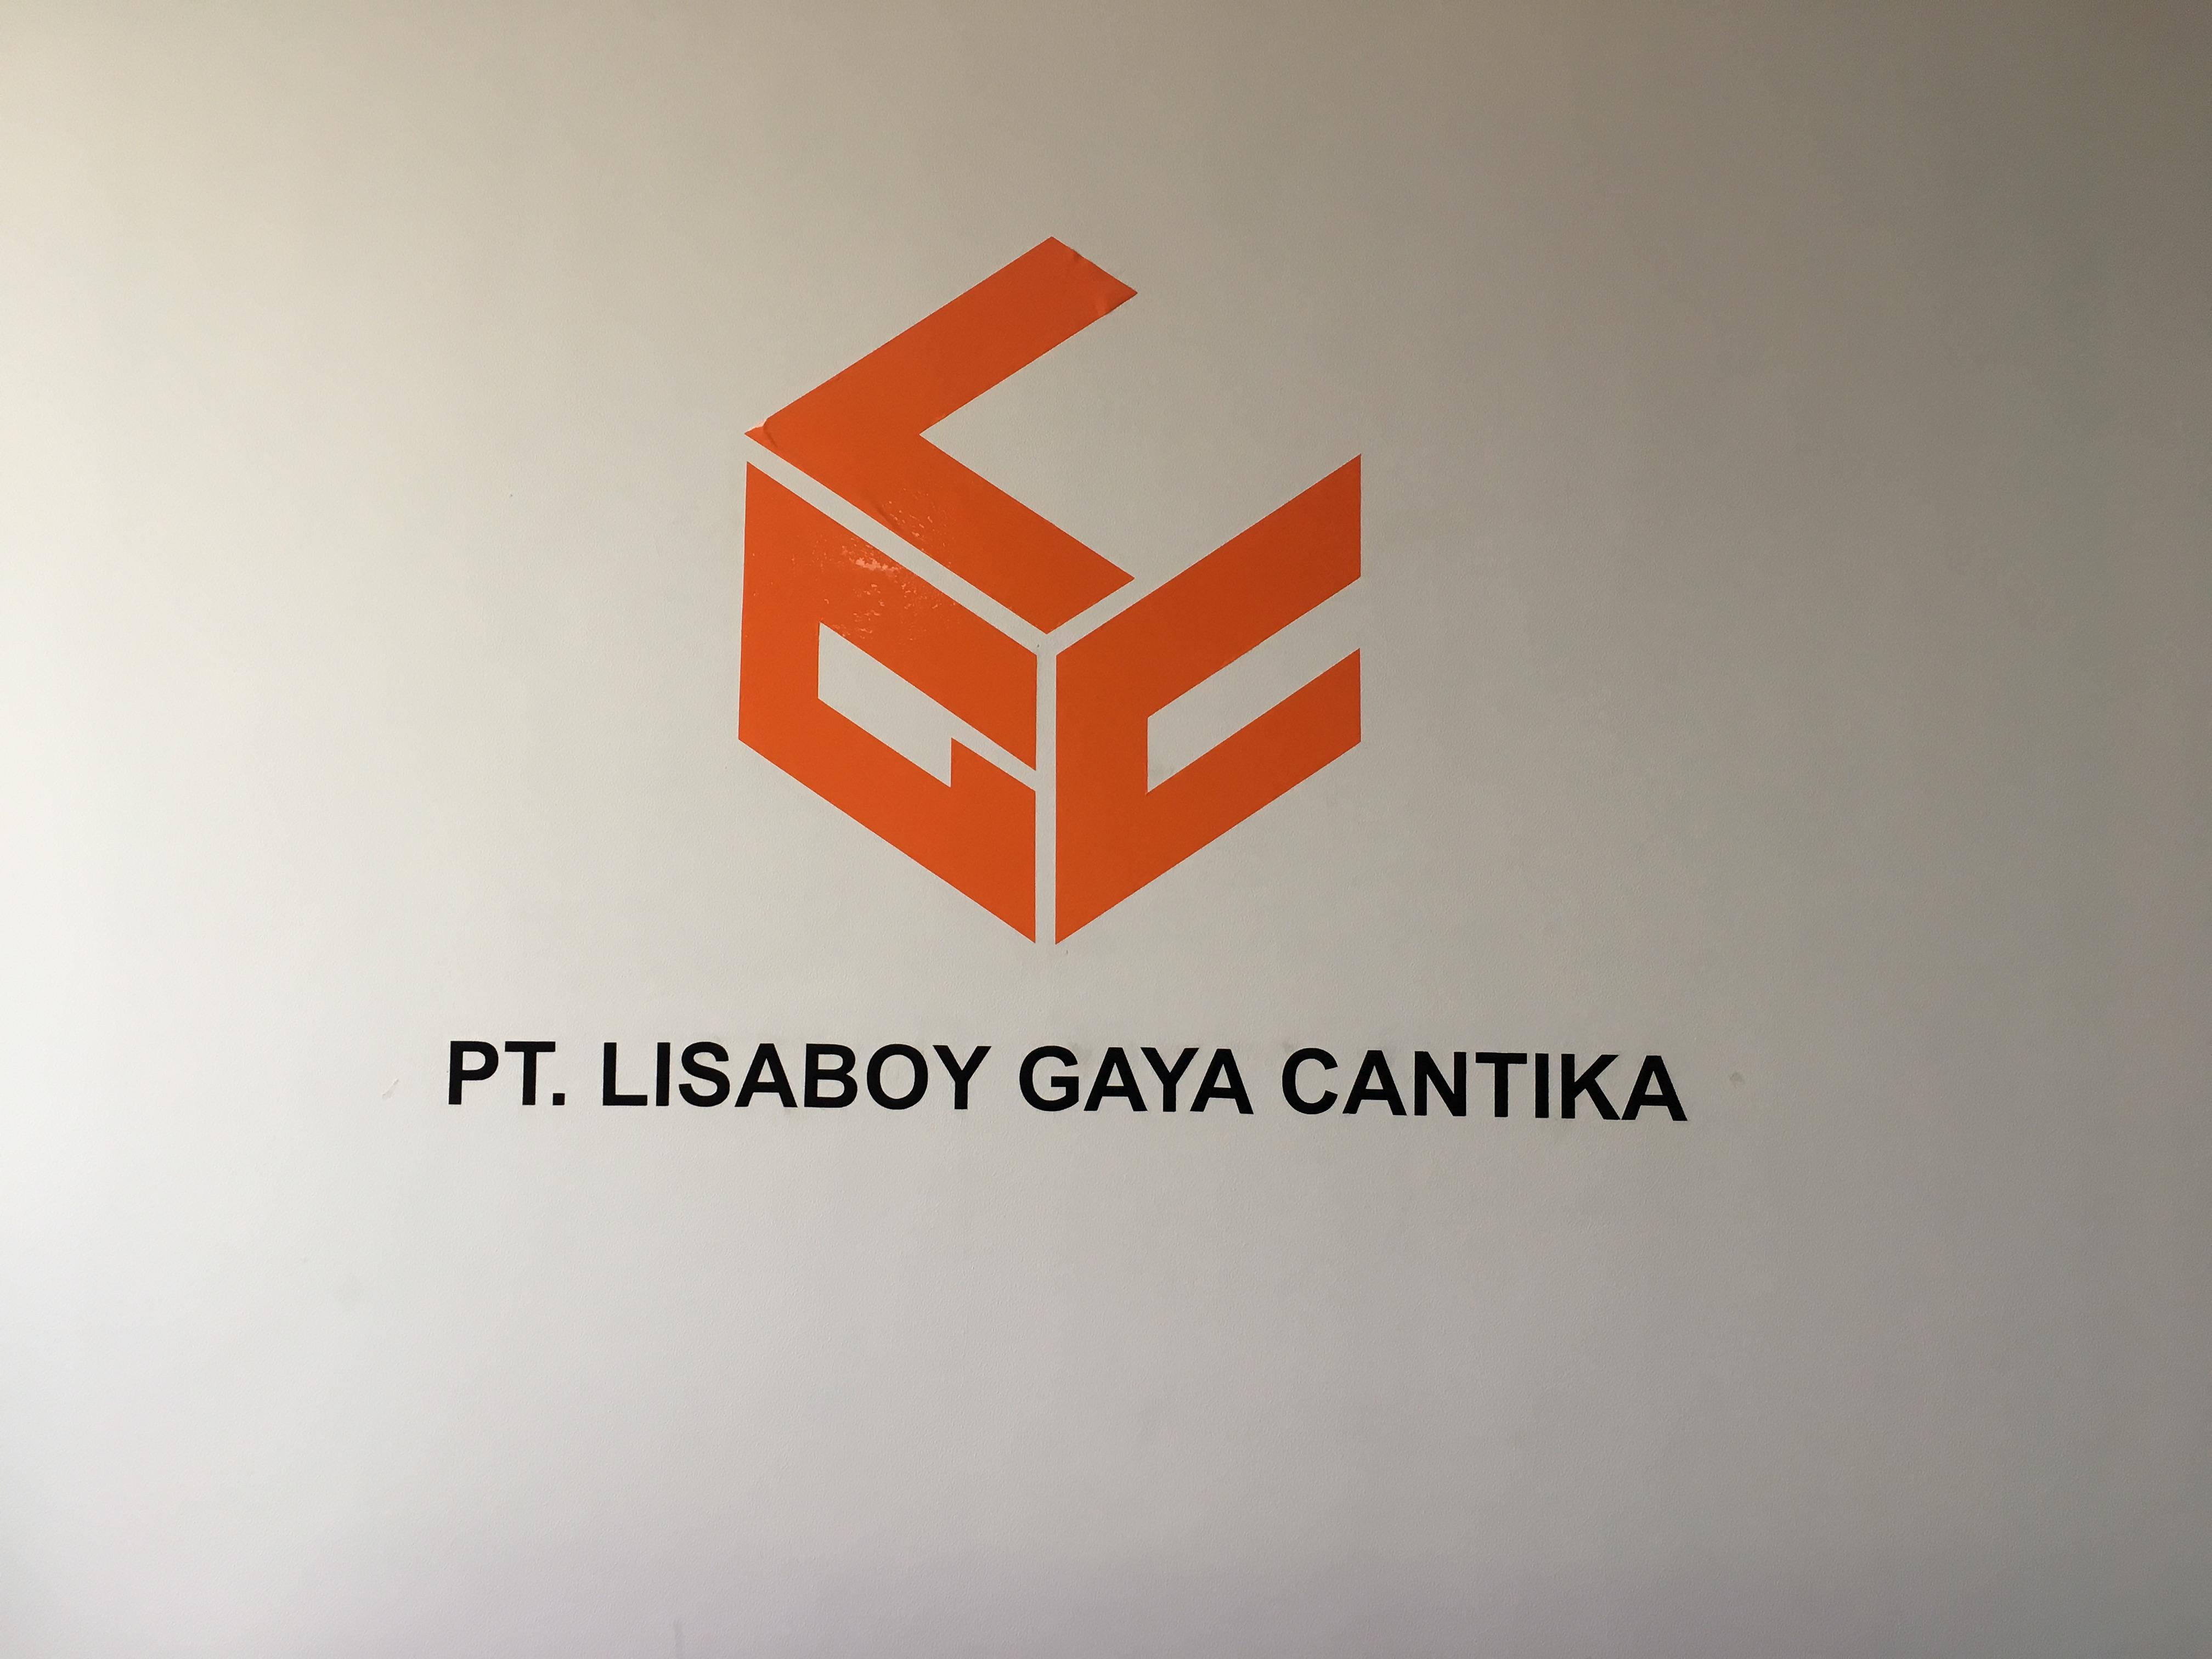 Logo Lisaboy Gaya Cantika